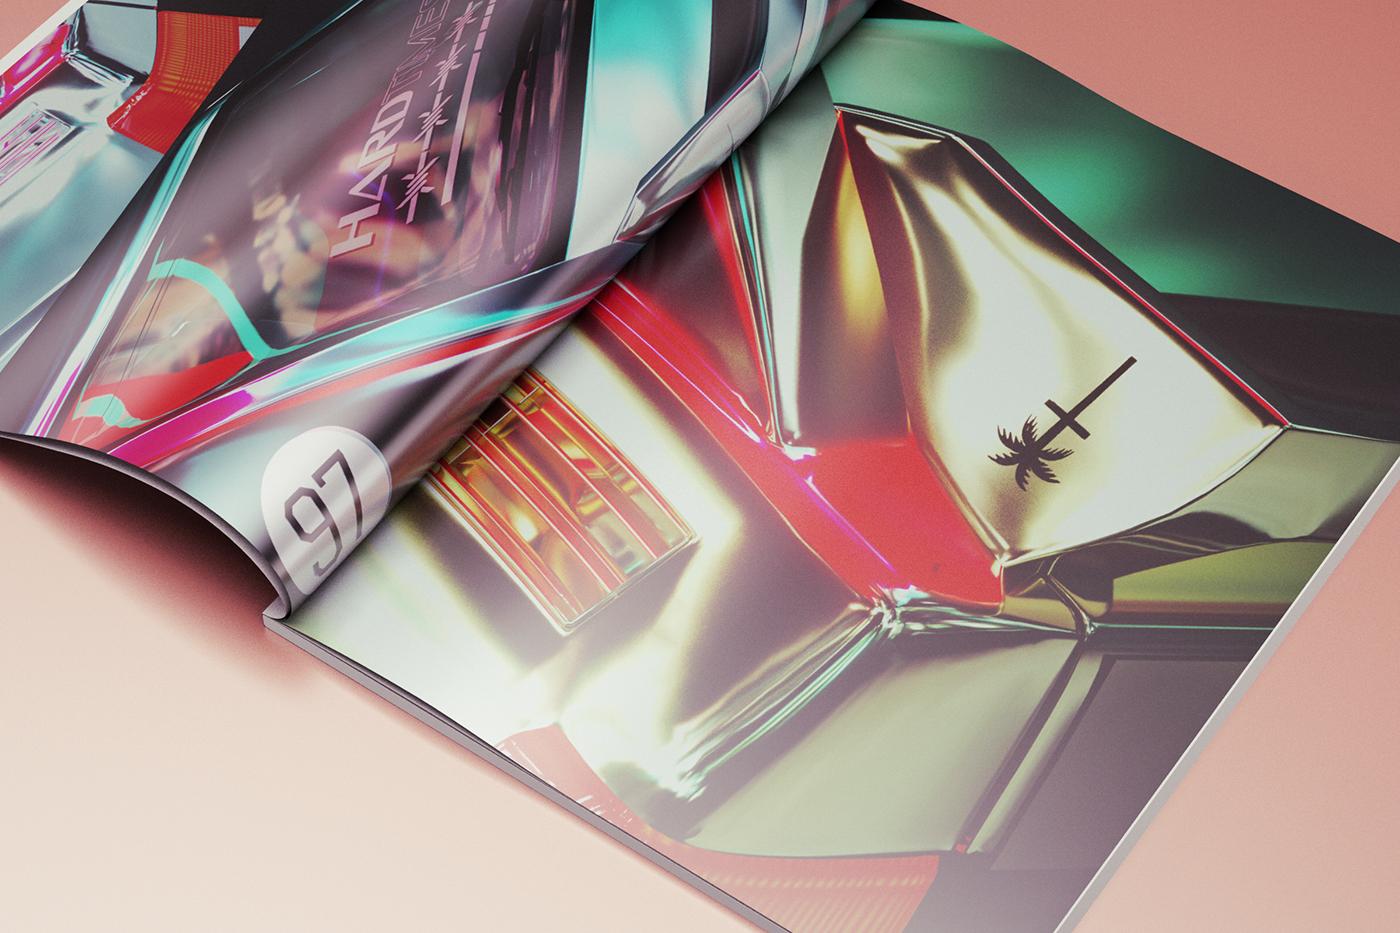 tokyo night car Auto c4d octane chrome la 3D stickers